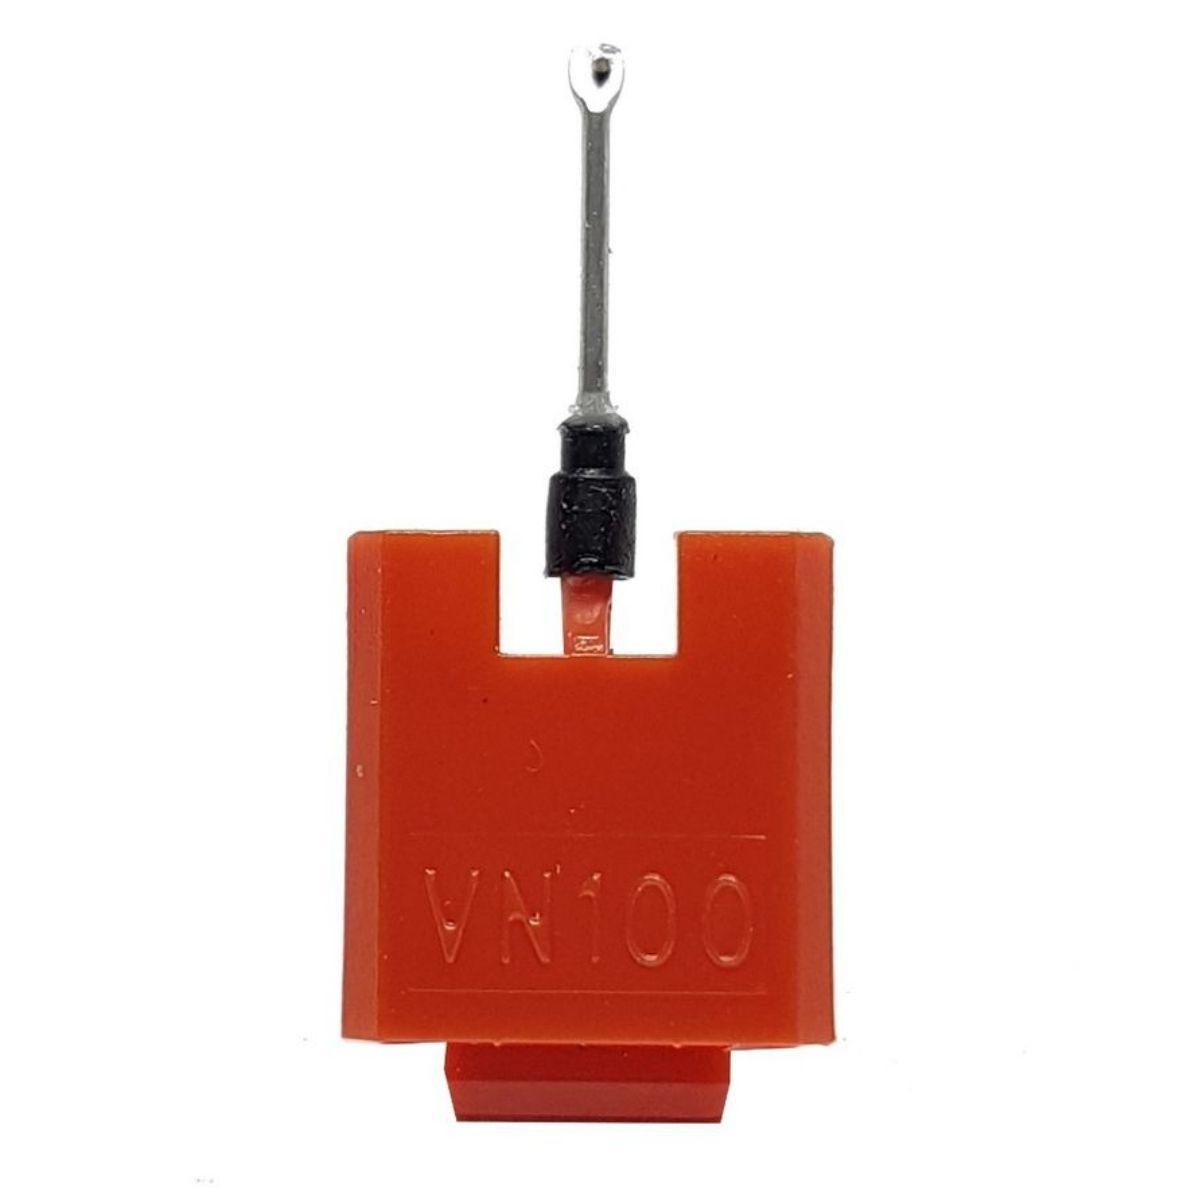 Agulha Leson Original Para Toca Discos E Vitrola - Vn100-D